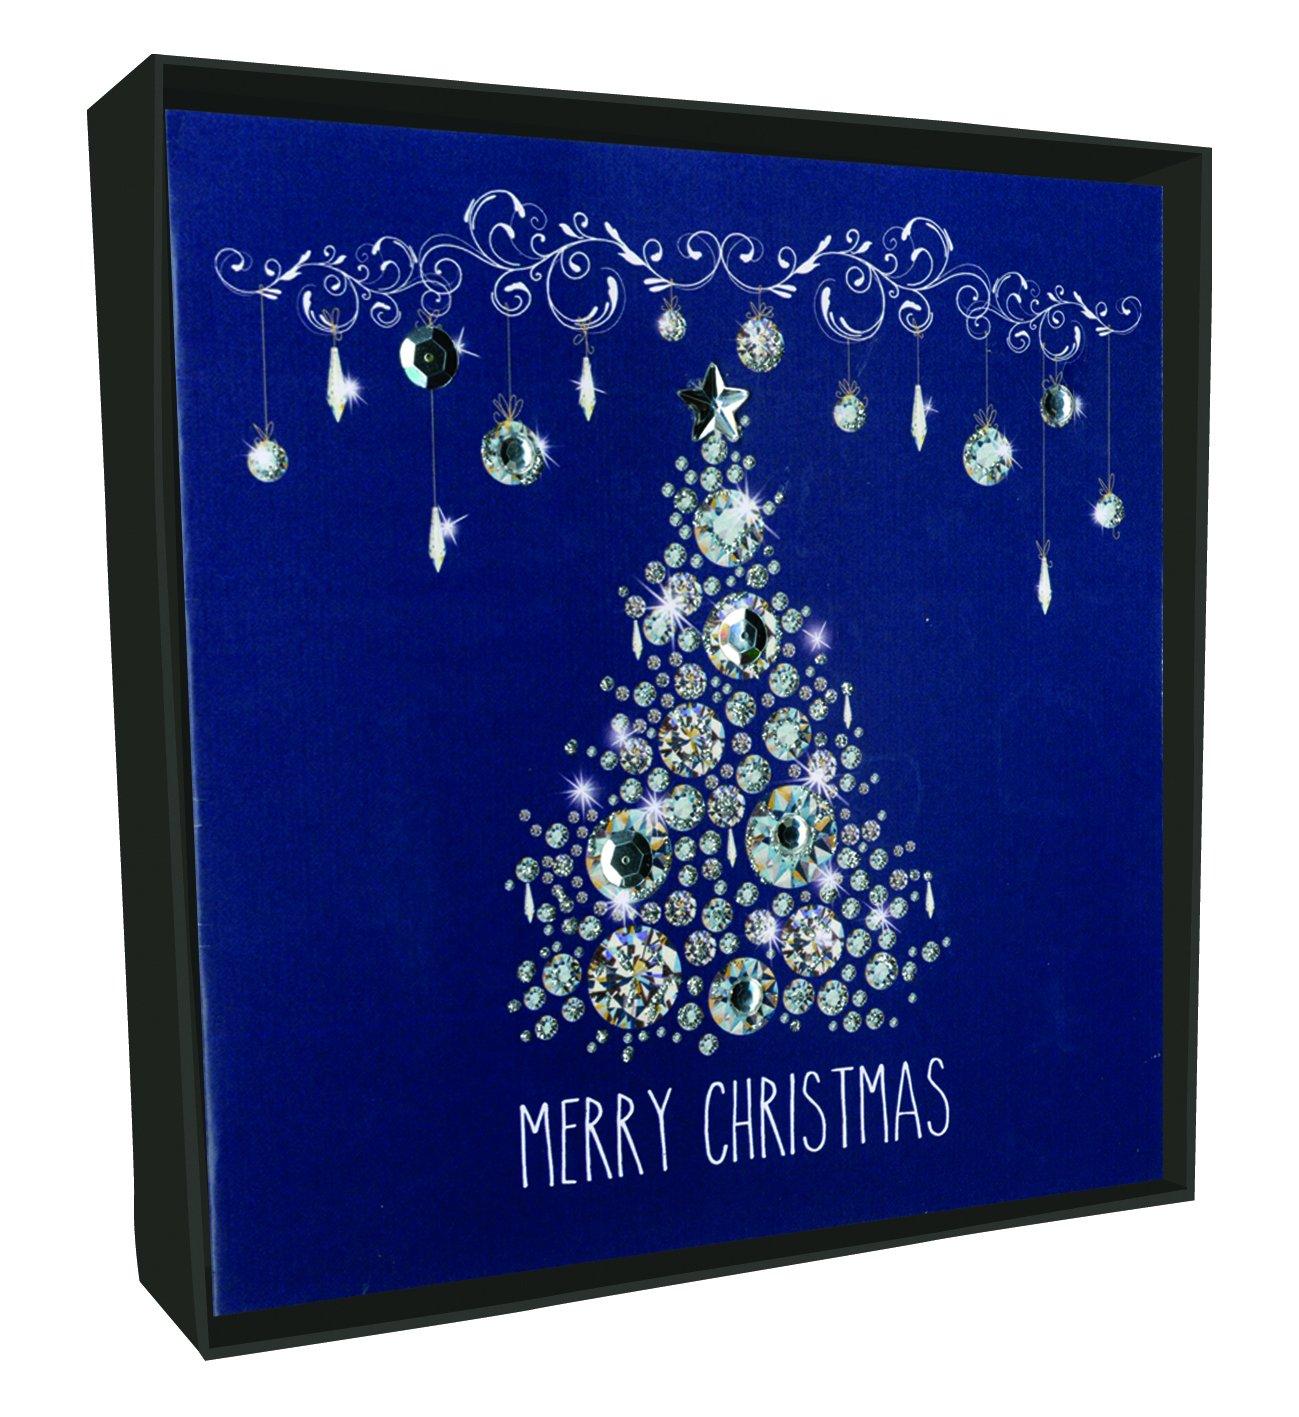 Árbol de Navidad Tarjeta de Navidad, tarjetas de Navidad de brillo en caja xlsb009 a (Pack de 6): Amazon.es: Oficina y papelería